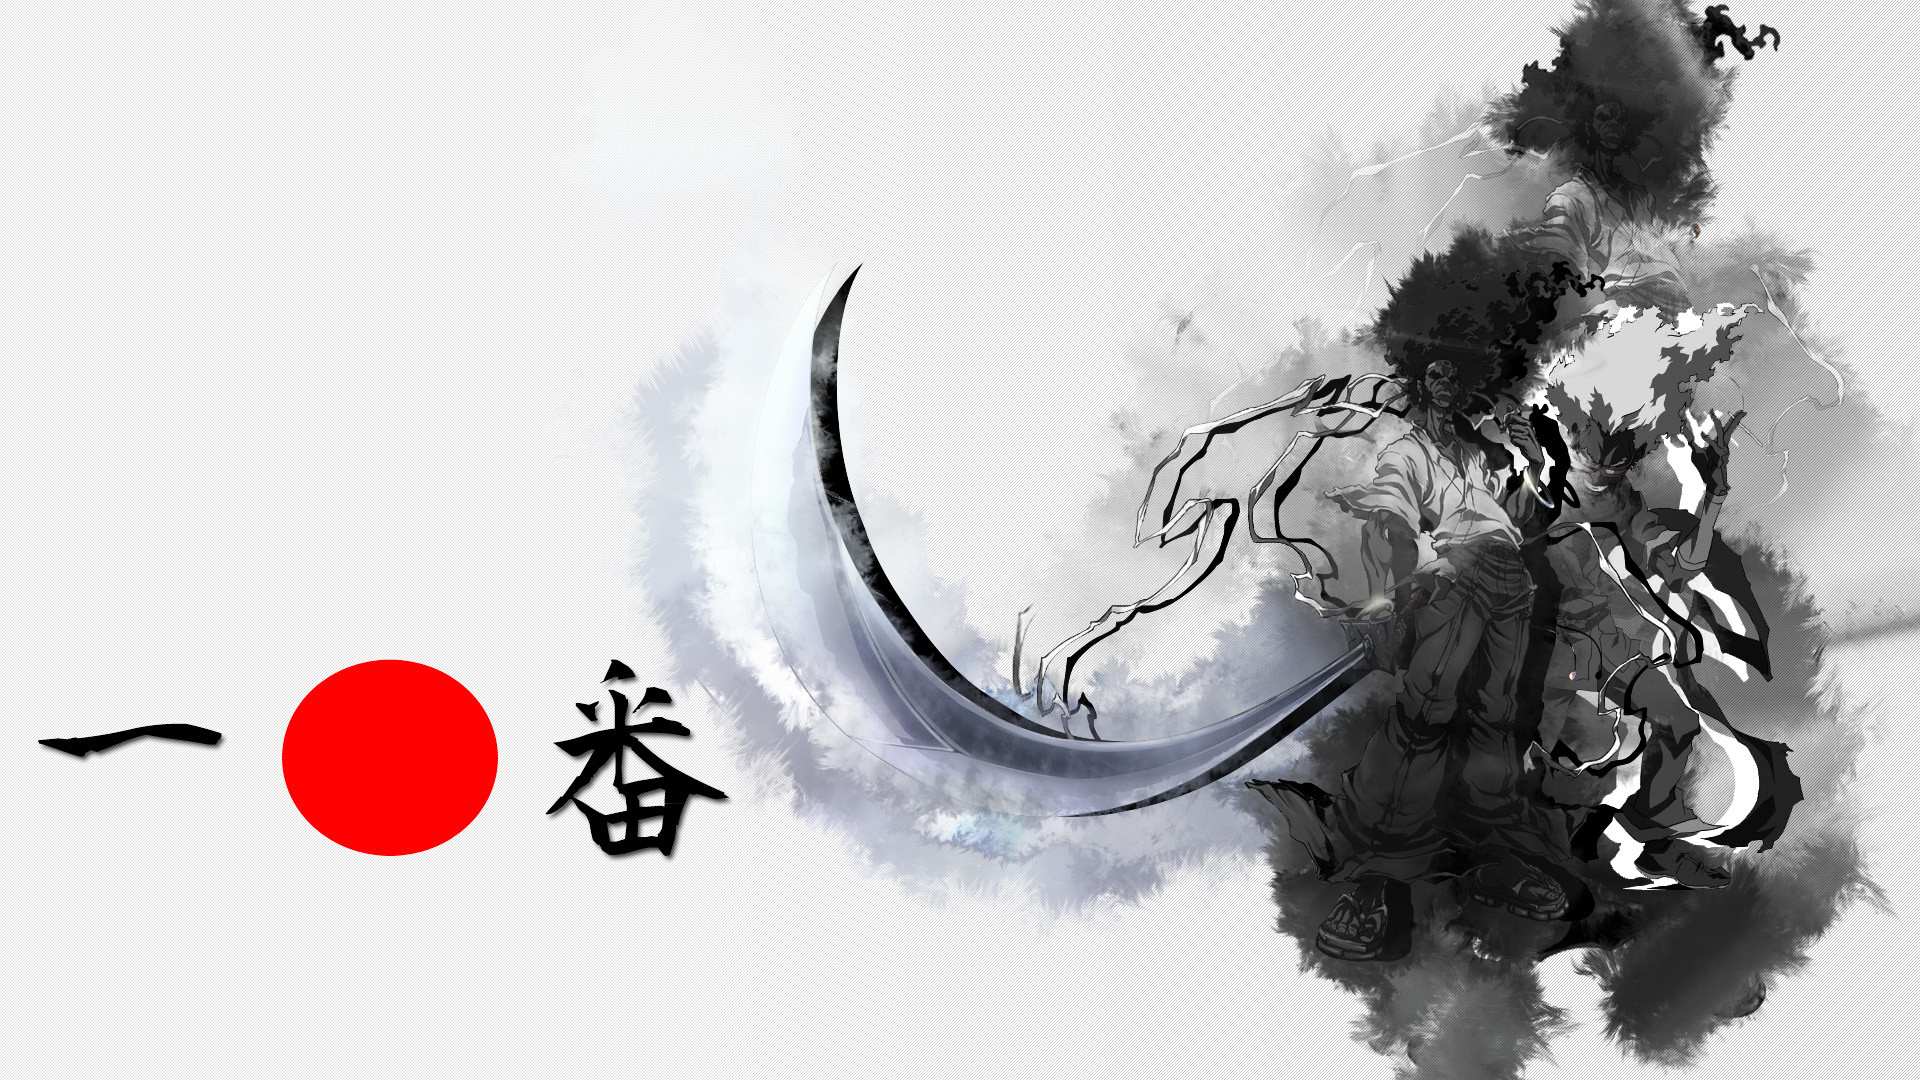 4k Wallpapers Of Anime Girls Female Anime Samurai Wallpaper 65 Images